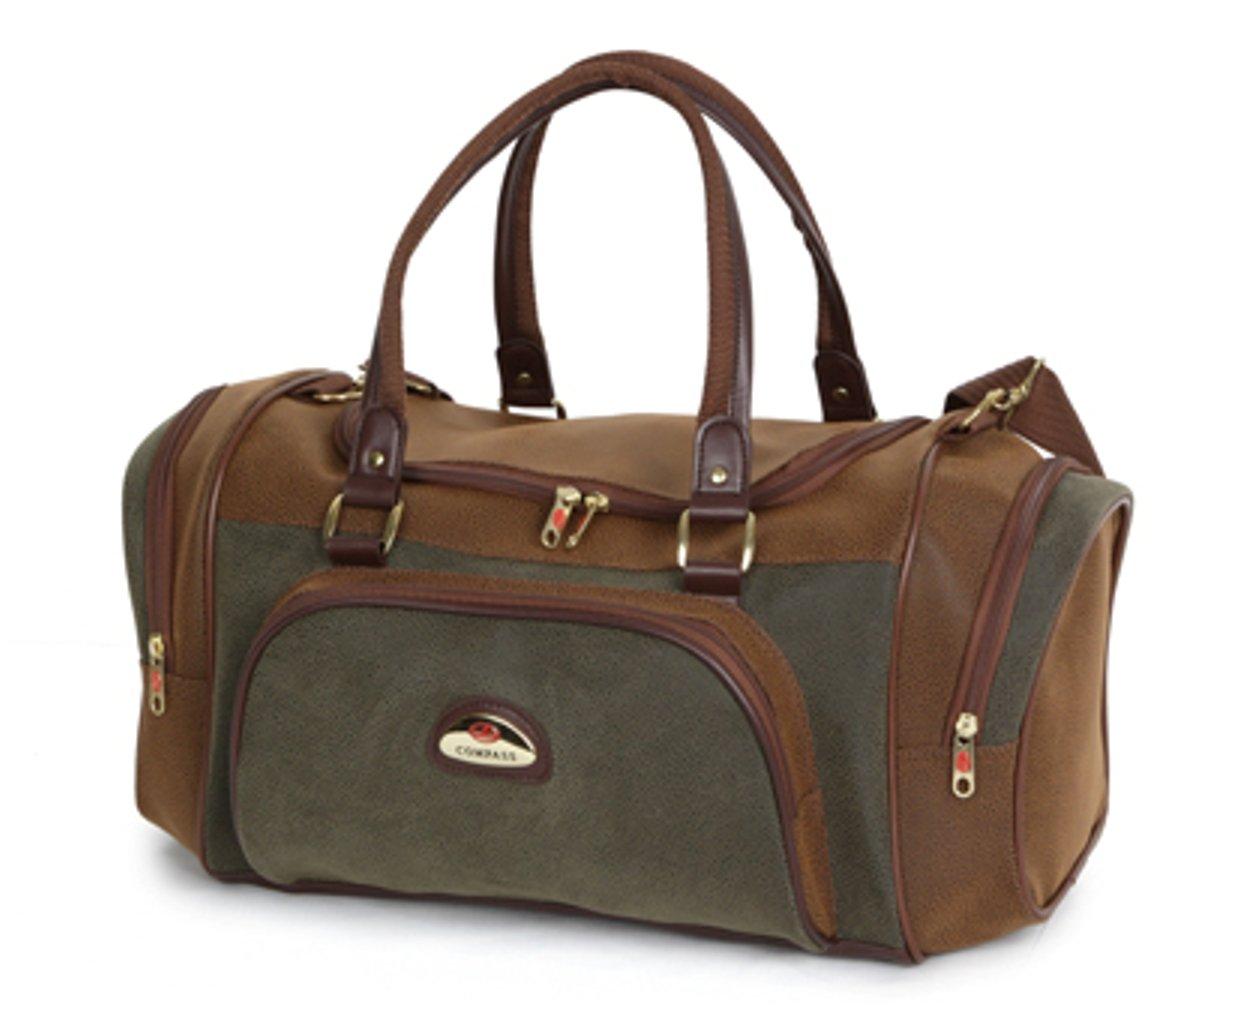 0378d8c02de8 Mens satchel style bag